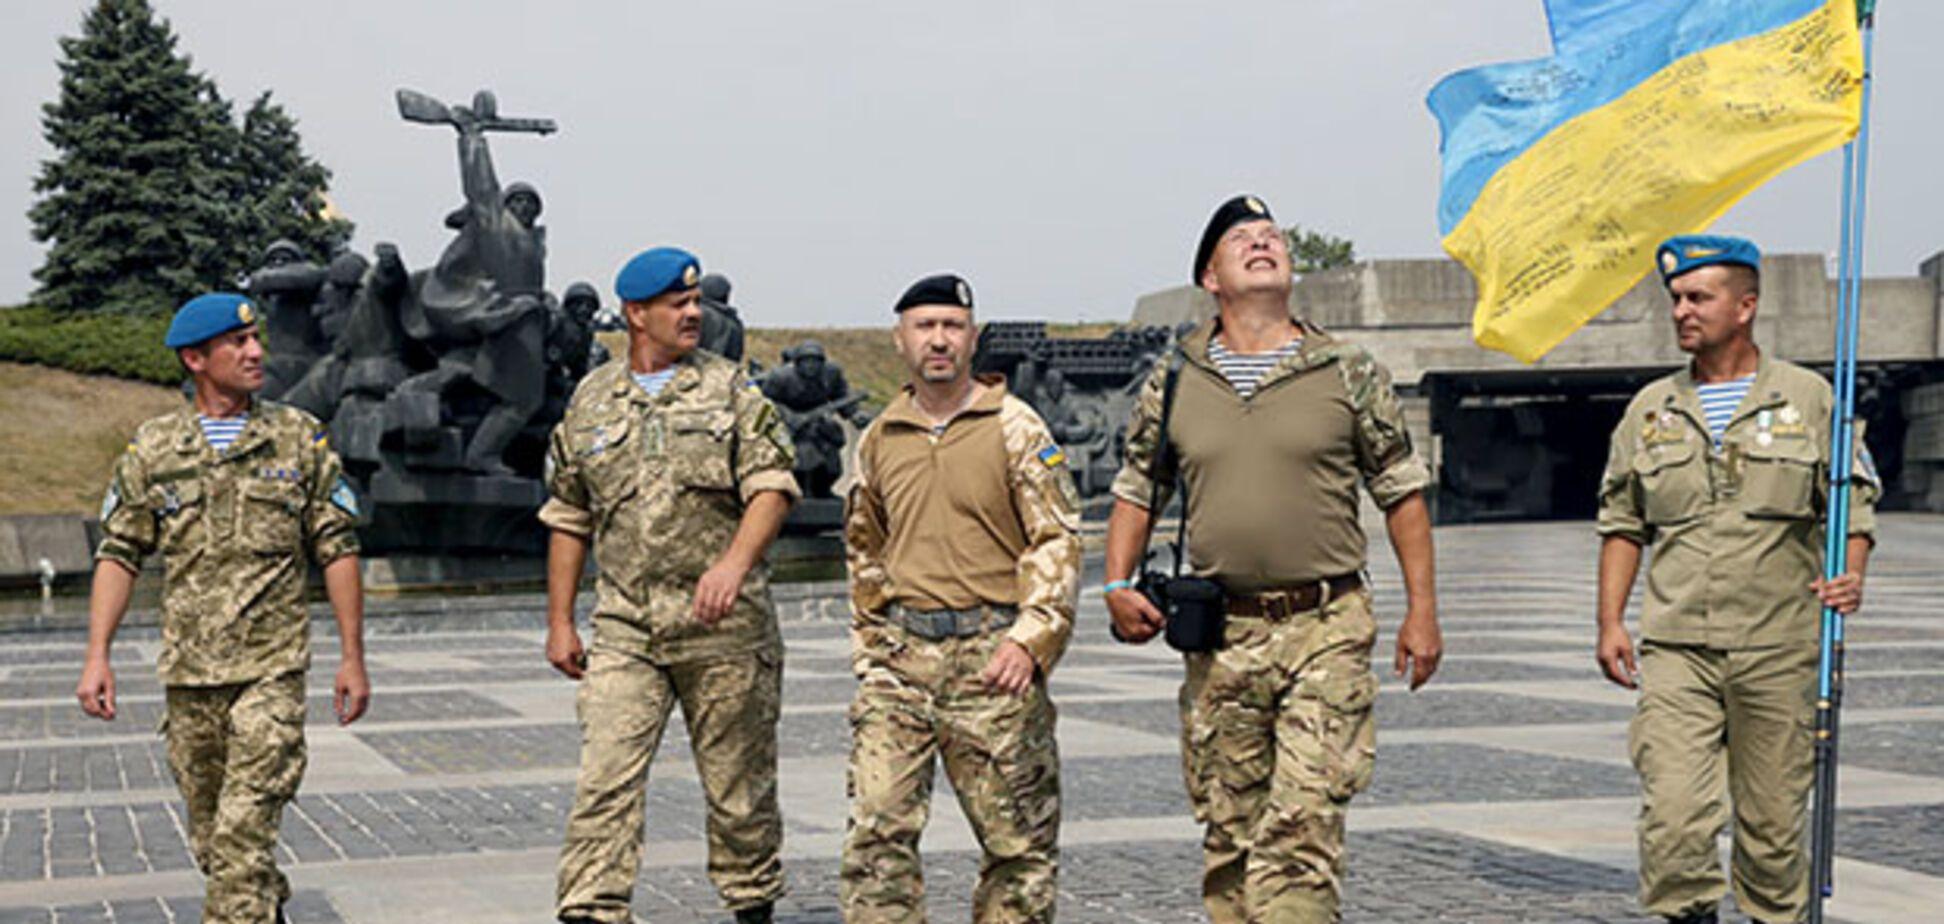 Наш Крым - это наш Дюнкерк